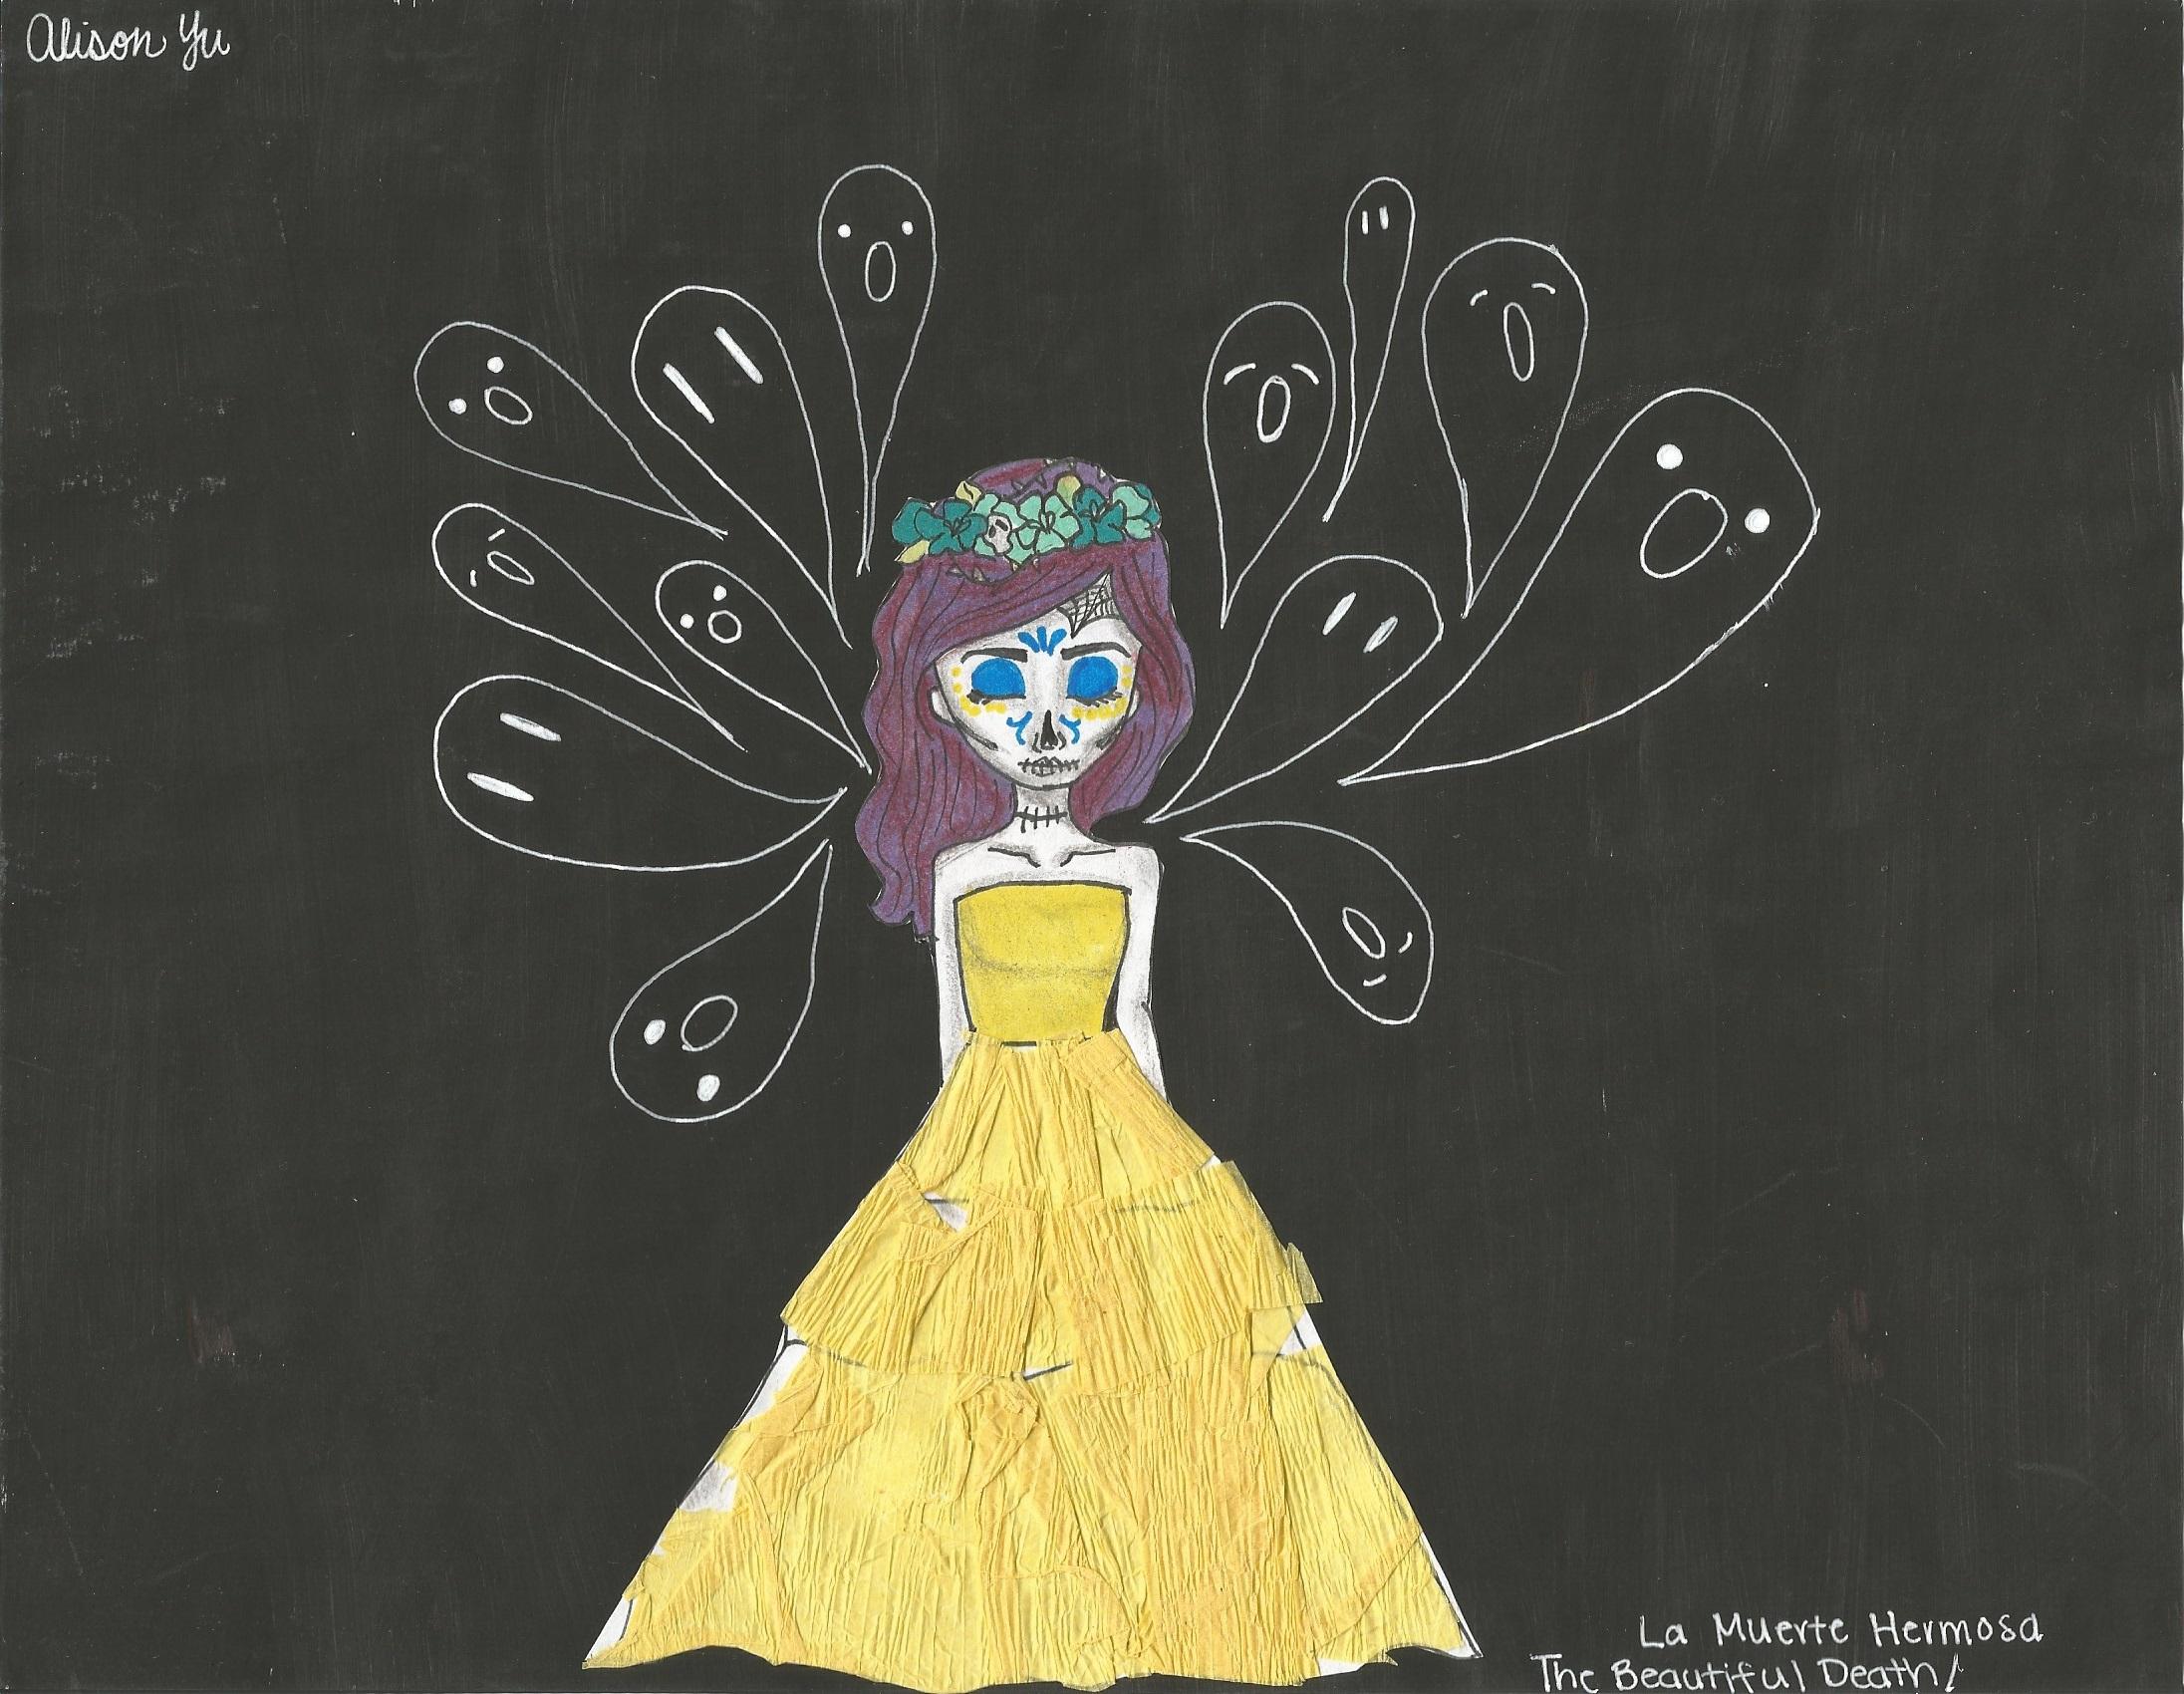 La Muerte Hermosa by Alison Y.